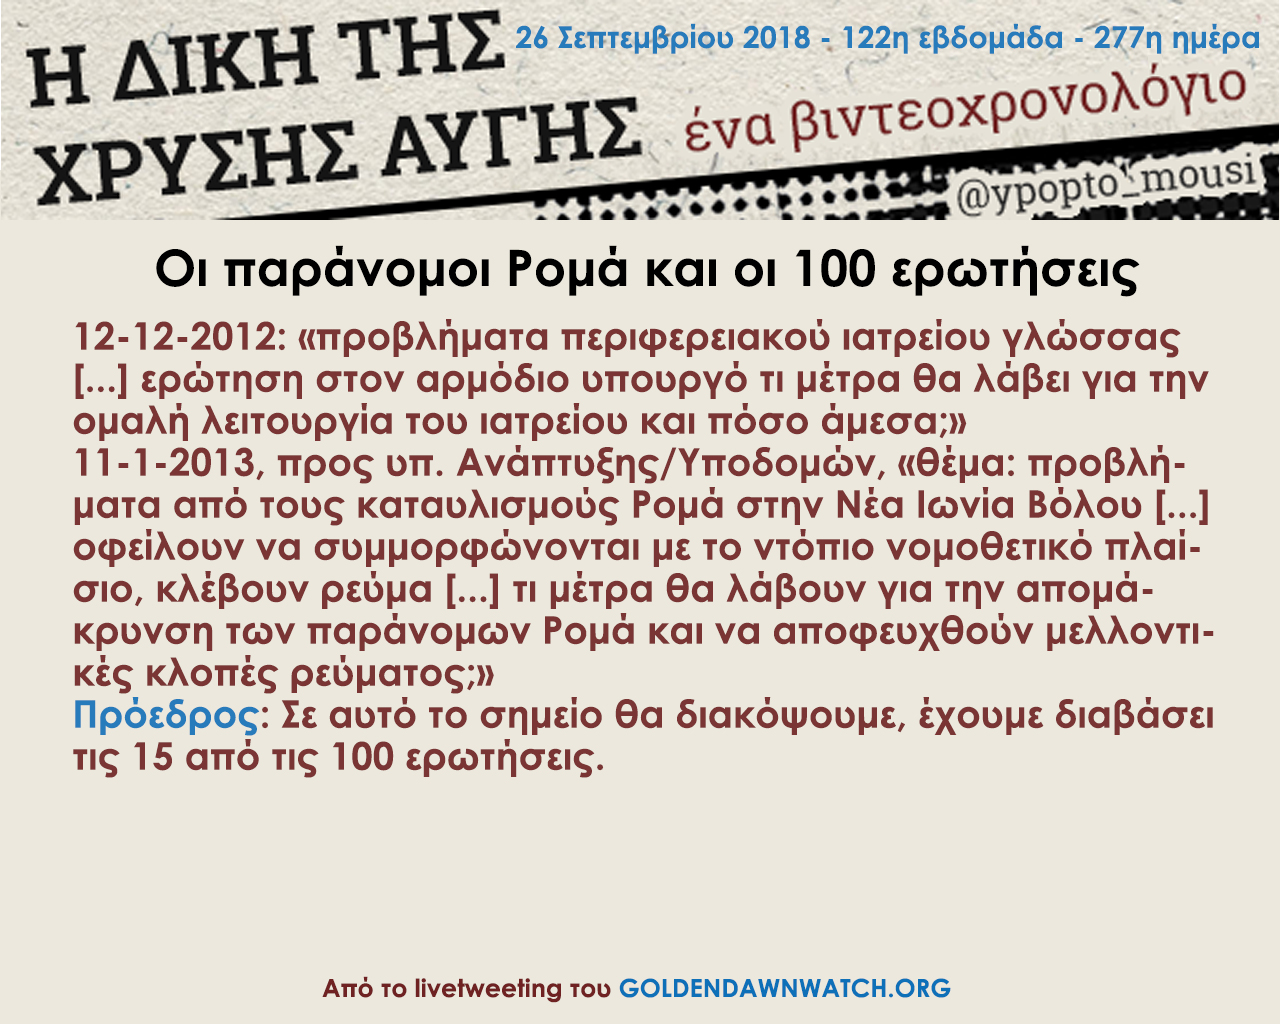 Οι «παράνομοι Ρομά» και οι 100 ερωτήσεις